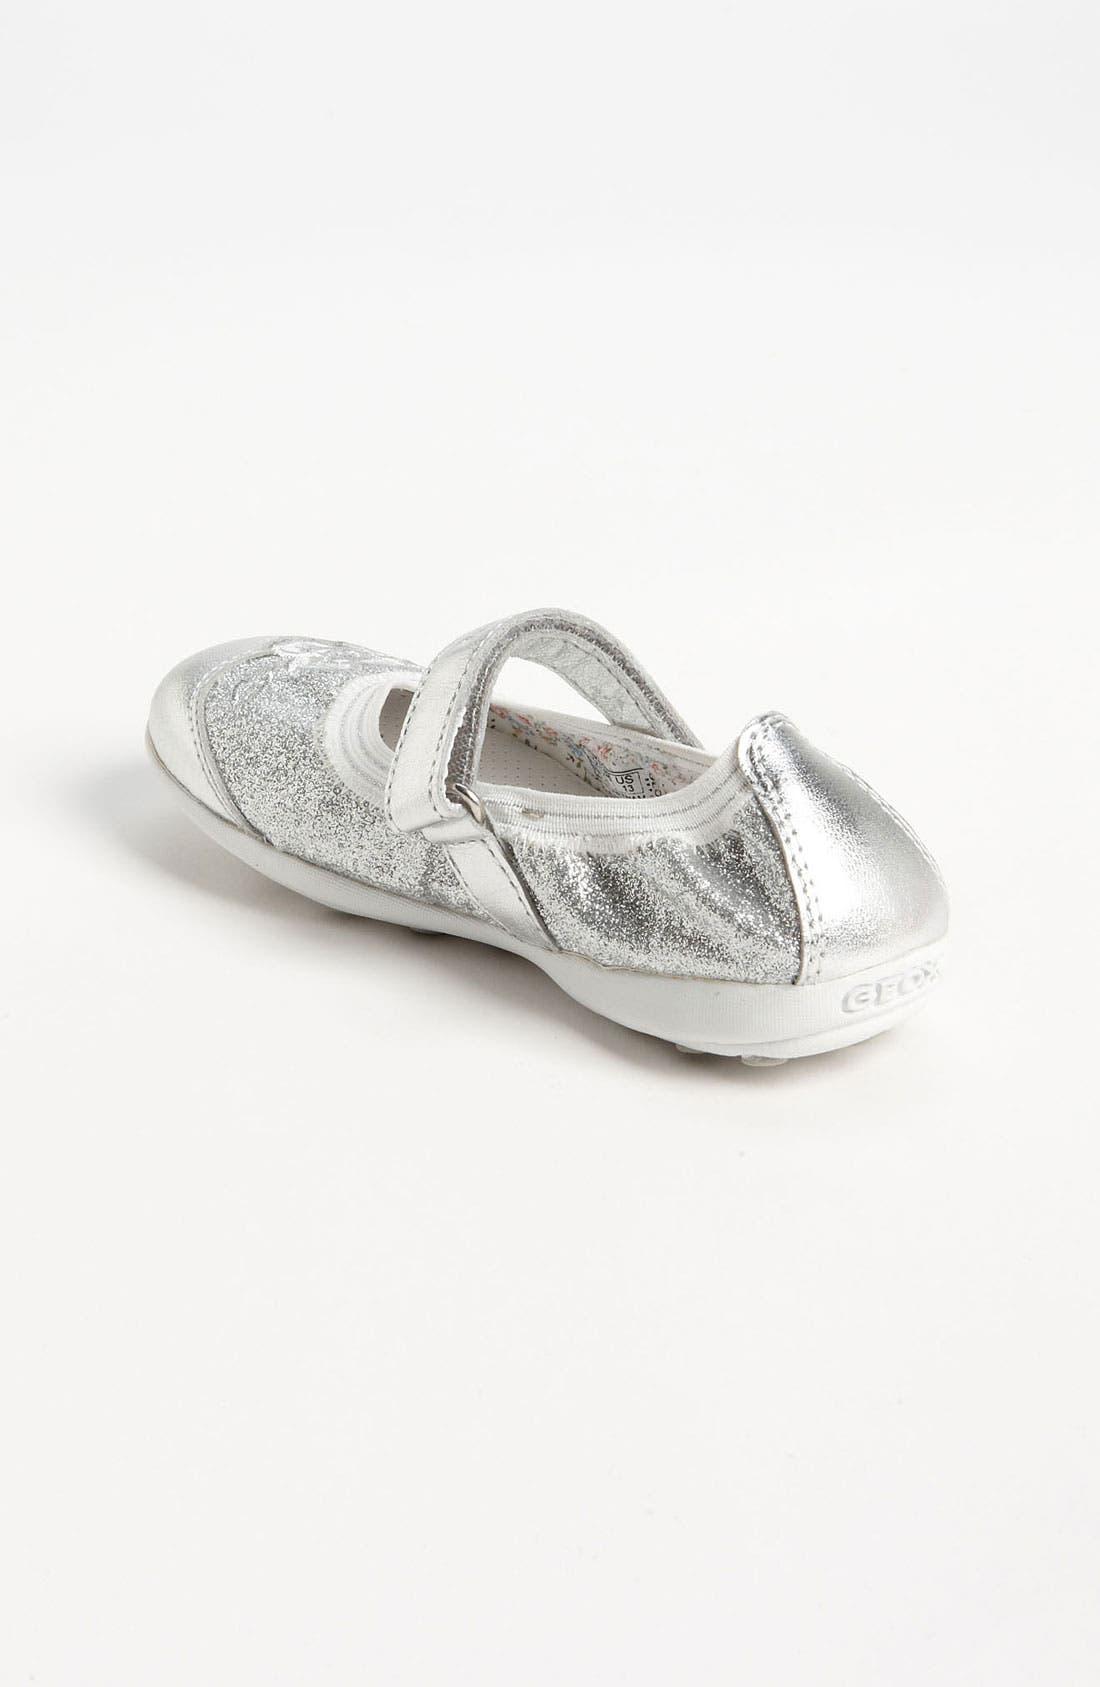 Alternate Image 2  - Geox Junior 'Jodie' Mary Jane Sneaker (Toddler & Little Kid)